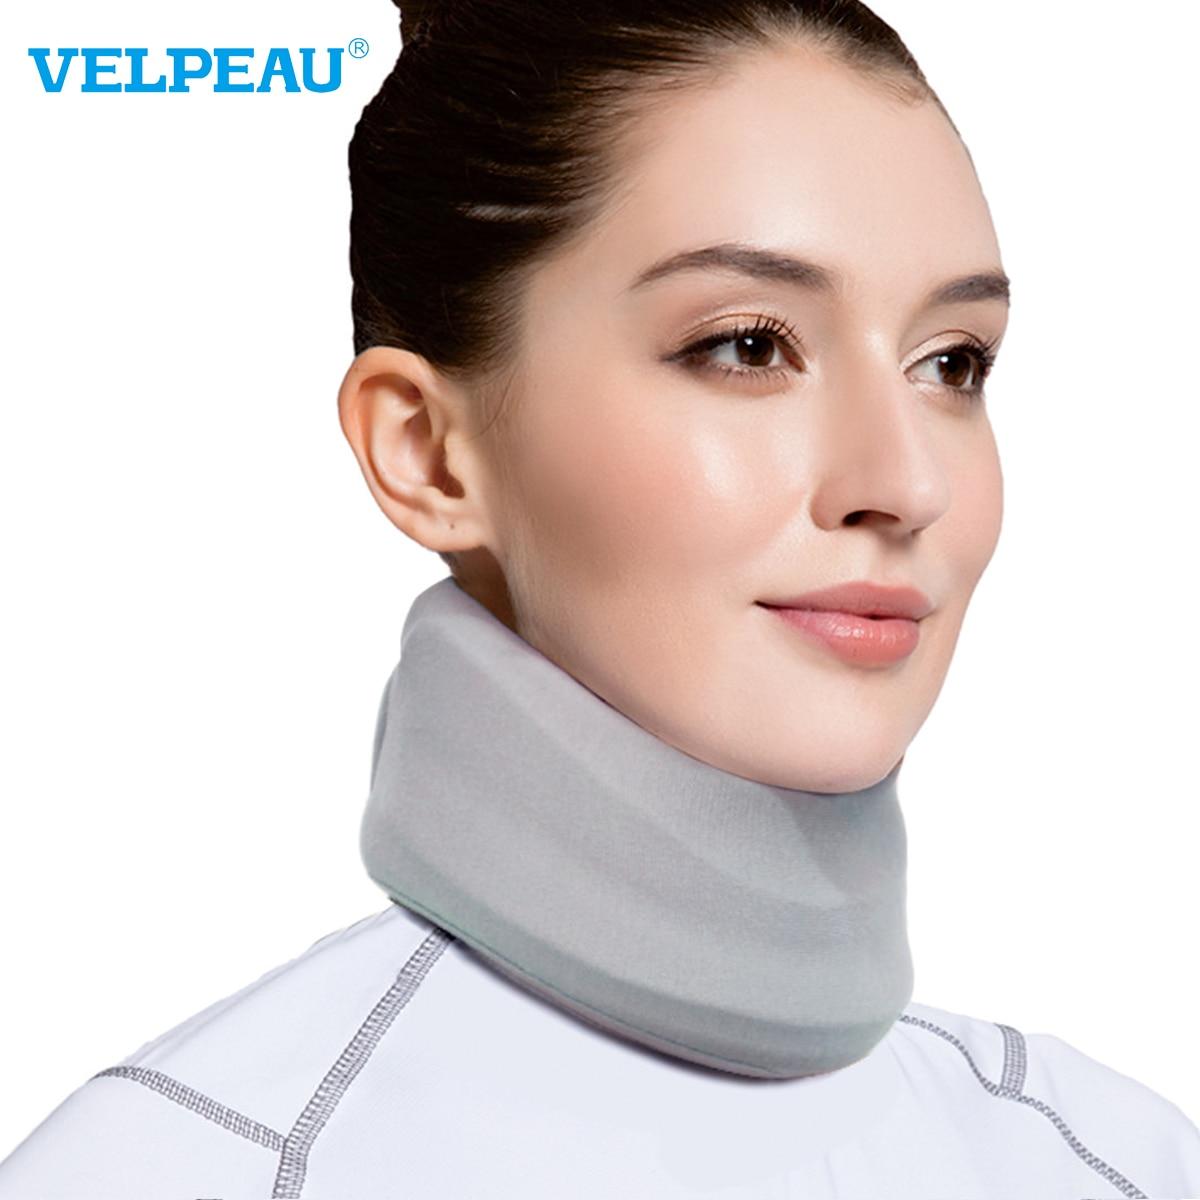 Ремень VELPEAU для поддержки шеи, используемый при болях в шее и поддерживающий мягкий шейный ортез, используемый для декомпрессии шейного отд...